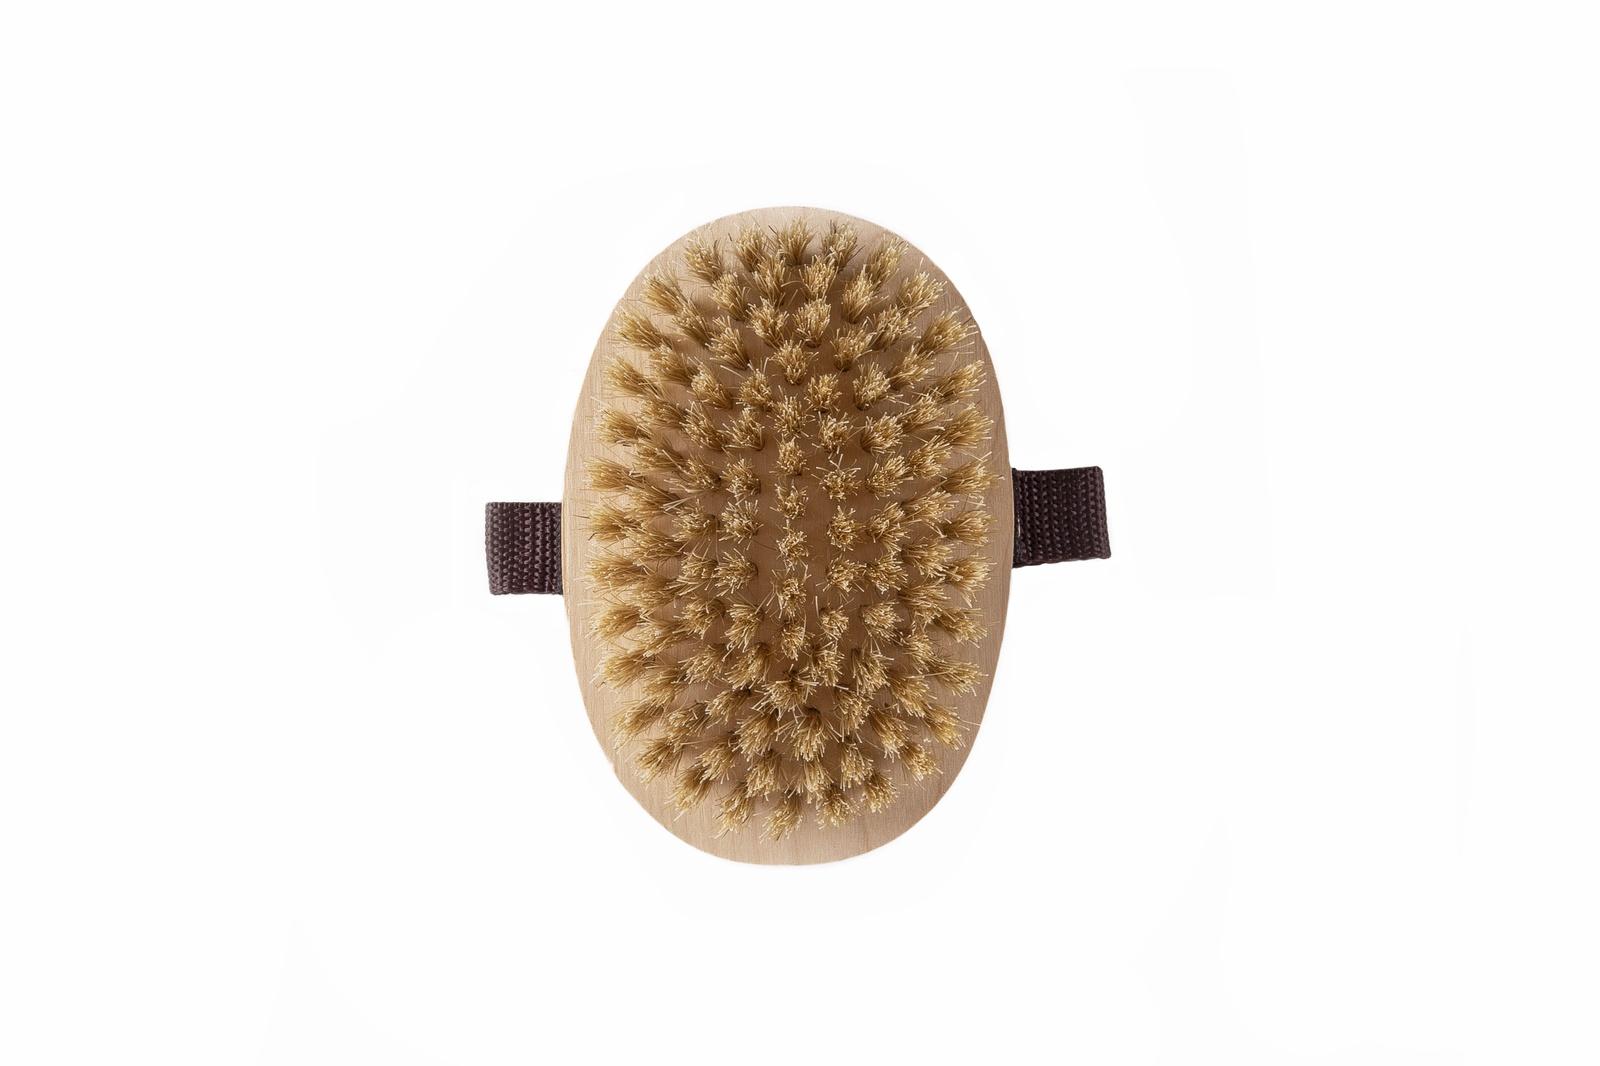 Щетка круглая Массажируя кожу сухой щеткой, вы стимулируете лимфатическую систему...